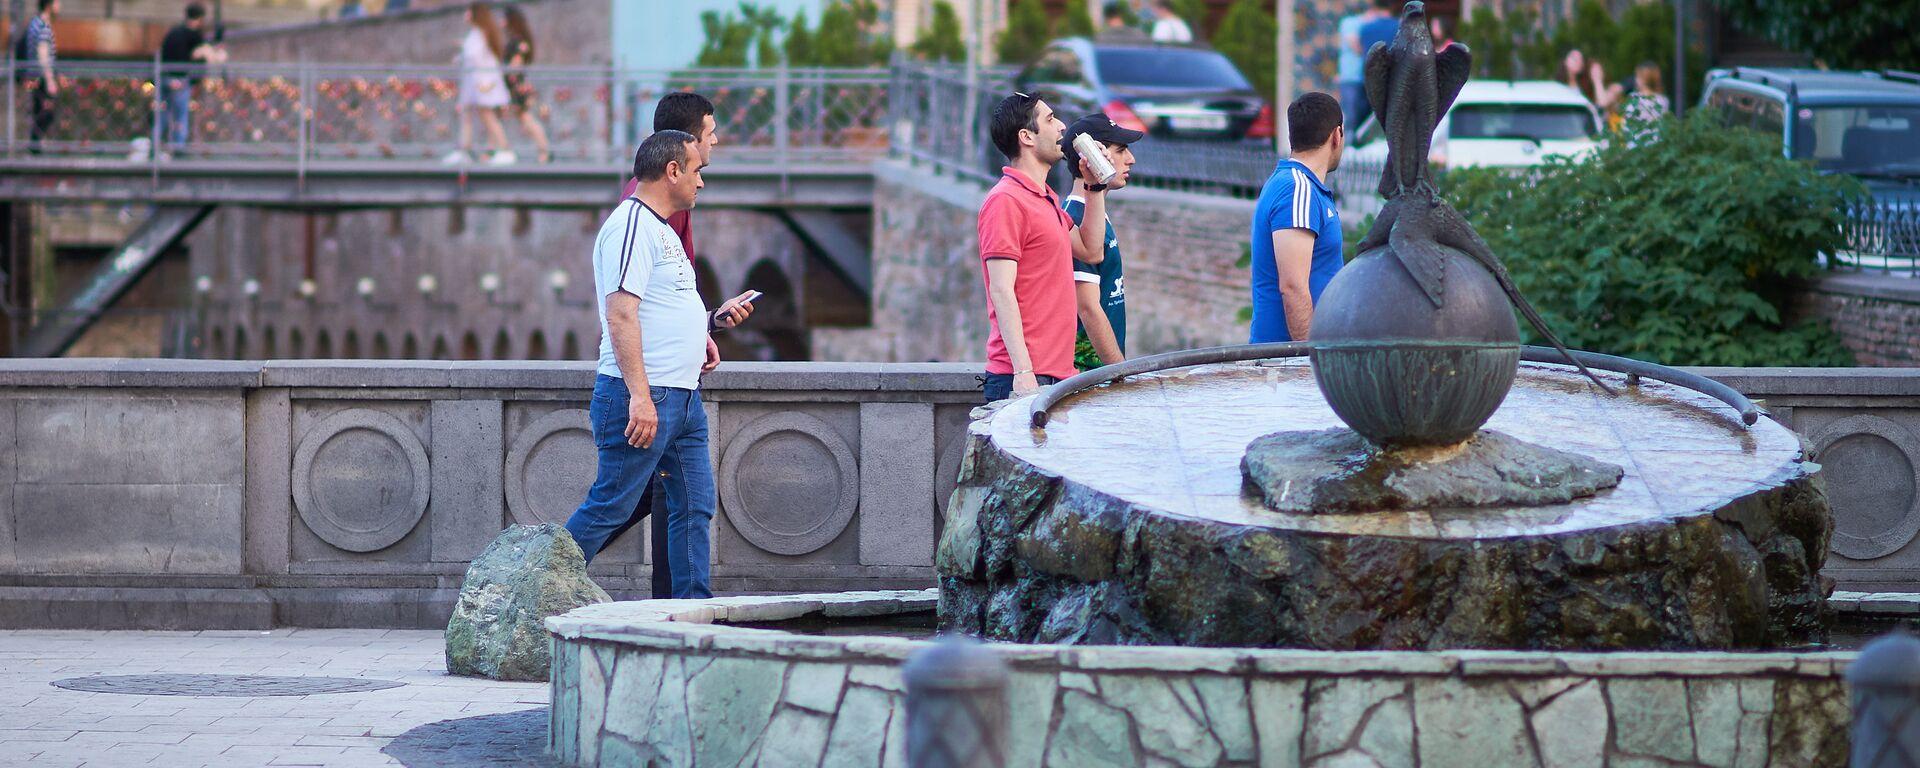 Жители города и туристы гуляют по району Абанотубани у памятника соколу и фазану - Sputnik Грузия, 1920, 19.06.2020